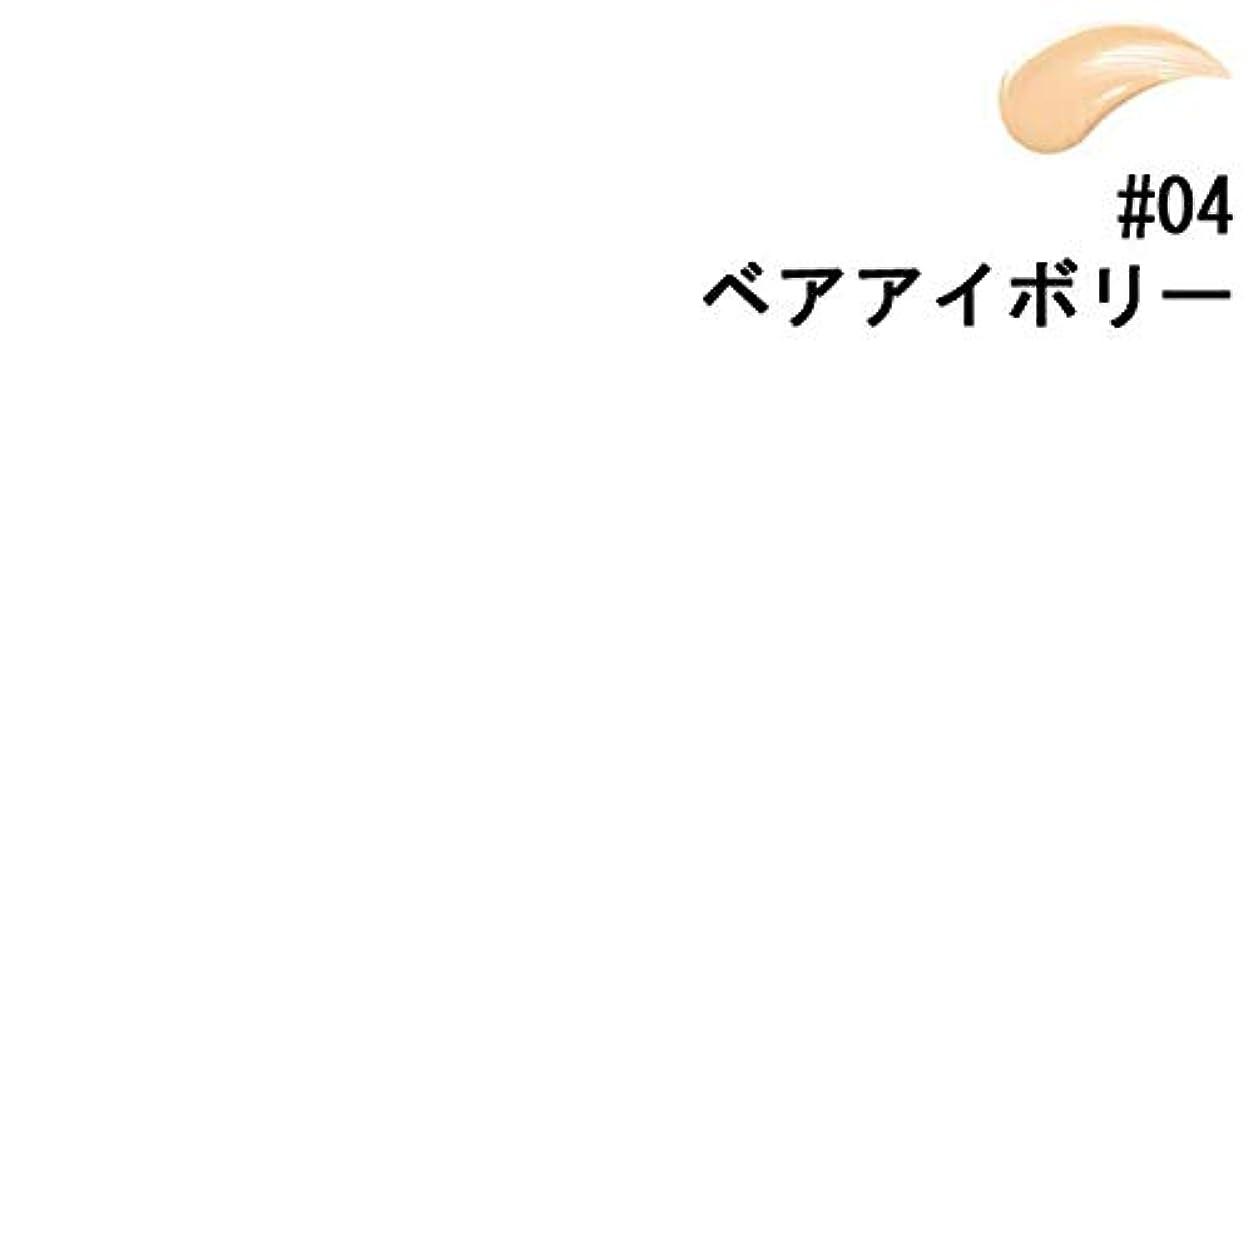 ポスト印象派ハドル姓【ベアミネラル】ベアミネラル ベア ファンデーション #04 ベアアイボリー 30ml [並行輸入品]